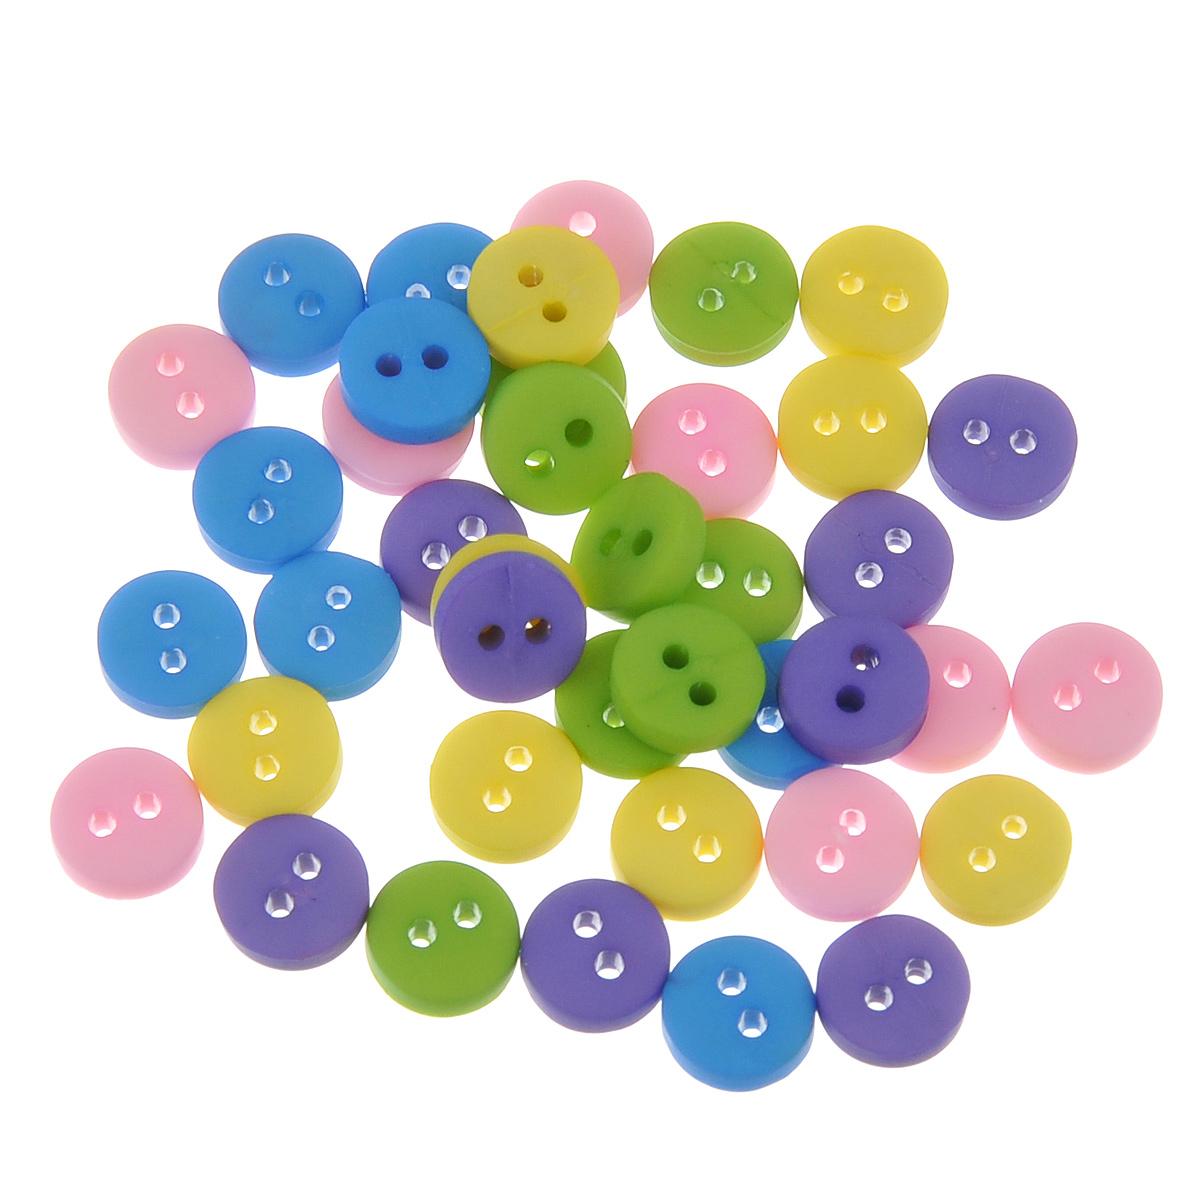 Пуговицы декоративные Buttons Galore & More Tiny Buttons, цвет: желтый, зеленый, голубой, диаметр 6 мм, 40 шт7708717Набор Buttons Galore & More Tiny Buttons состоит из круглых декоративных пуговиц, выполненных из пластика. Такие пуговицы подходят для любых видов творчества: скрапбукинга, декорирования, шитья, изготовления кукол, а также для оформления одежды. С их помощью вы сможете украсить открытку, фотографию, альбом, подарок и другие предметы ручной работы. Пуговицы разных цветов имеют оригинальный и яркий дизайн. Диаметр пуговицы: 0,6 см.